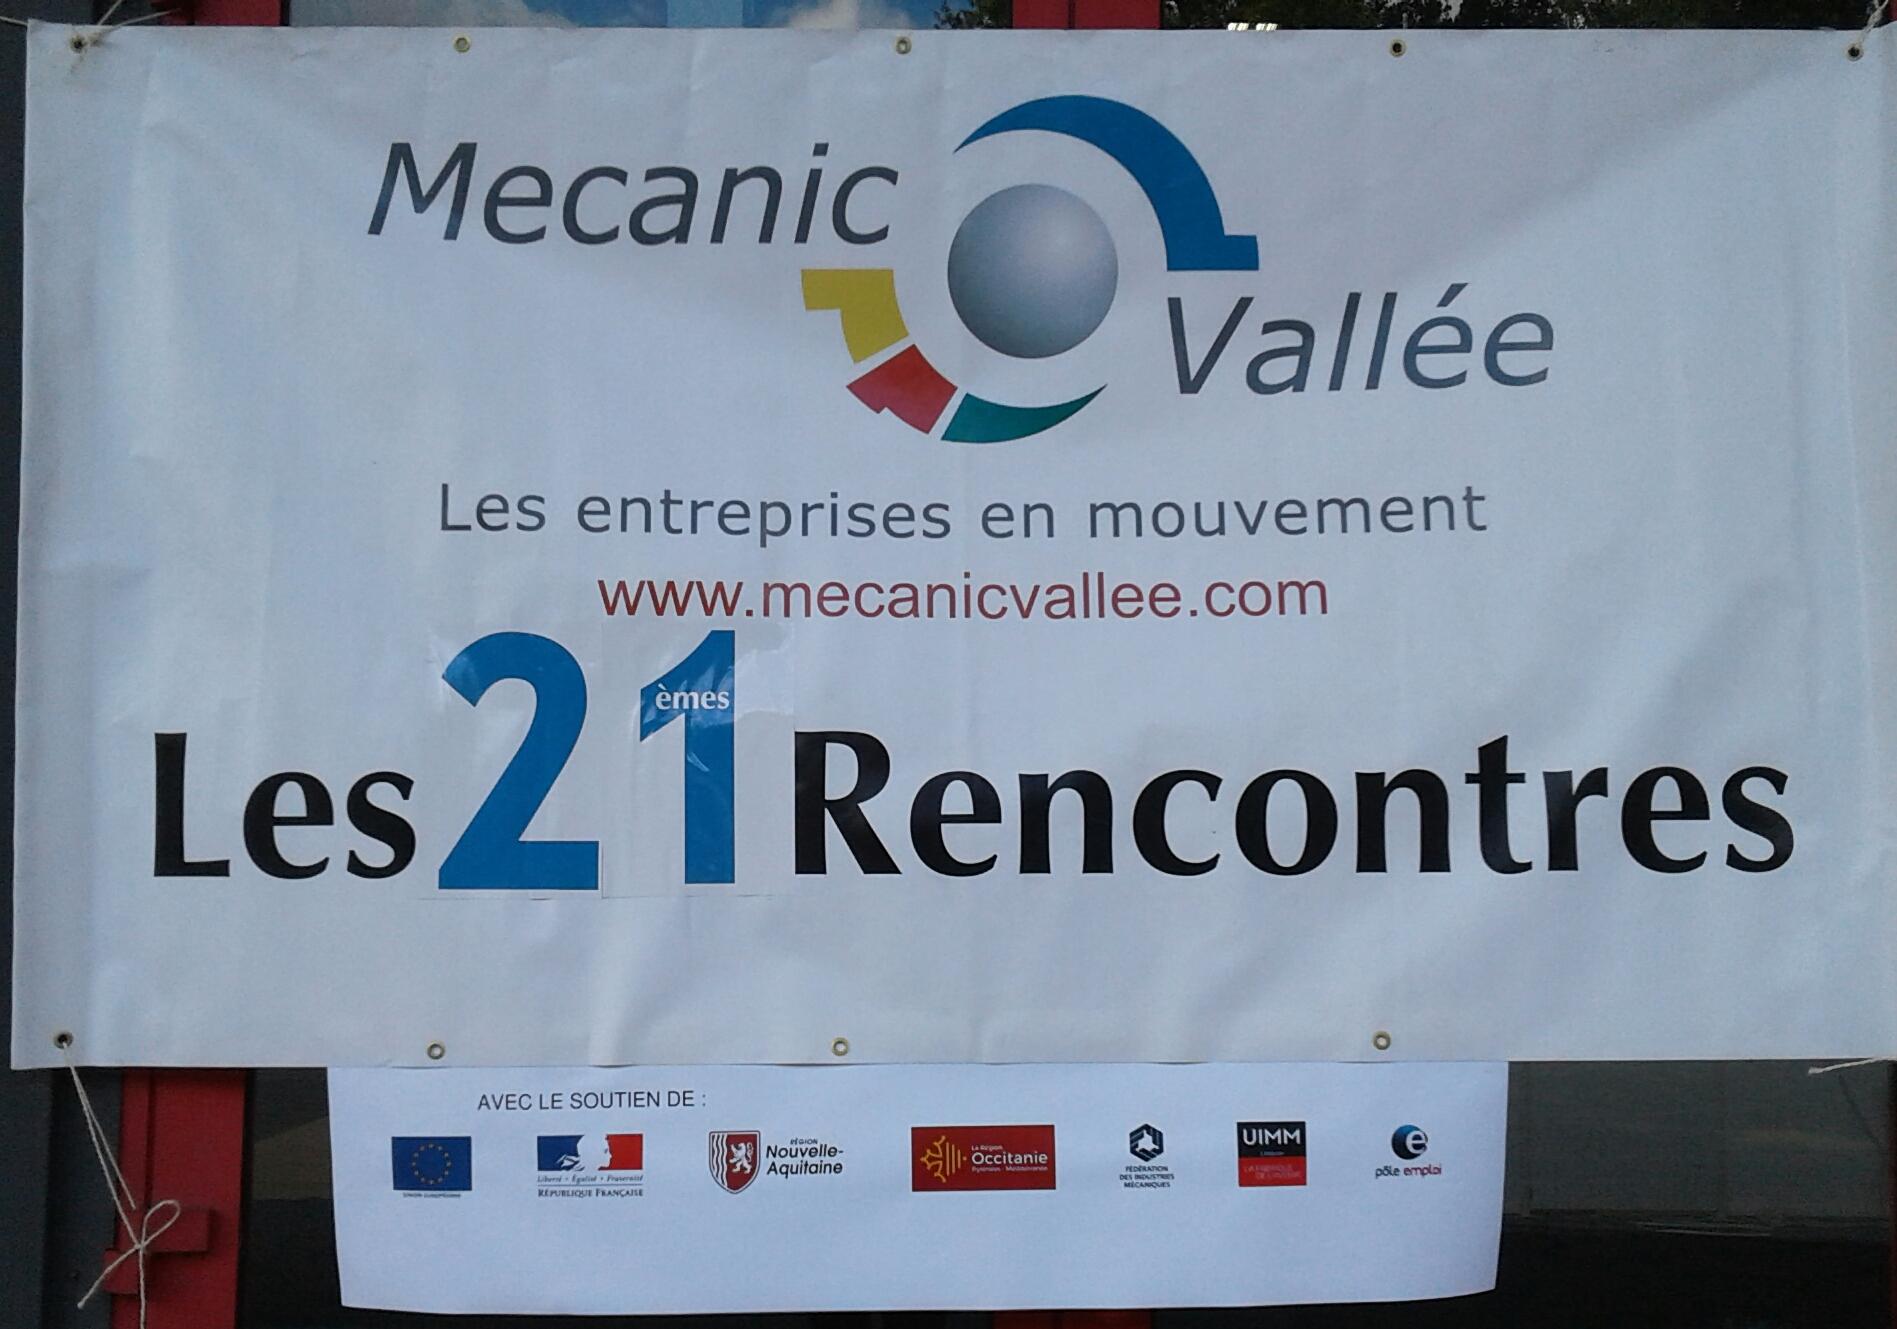 """La """"Mécanic Vallée"""" regroupe des entreprises industrielles de l'Aveyron, du Lot, de Corrèze et de Haute-Vienne © Radio France- Alain Ginestet"""